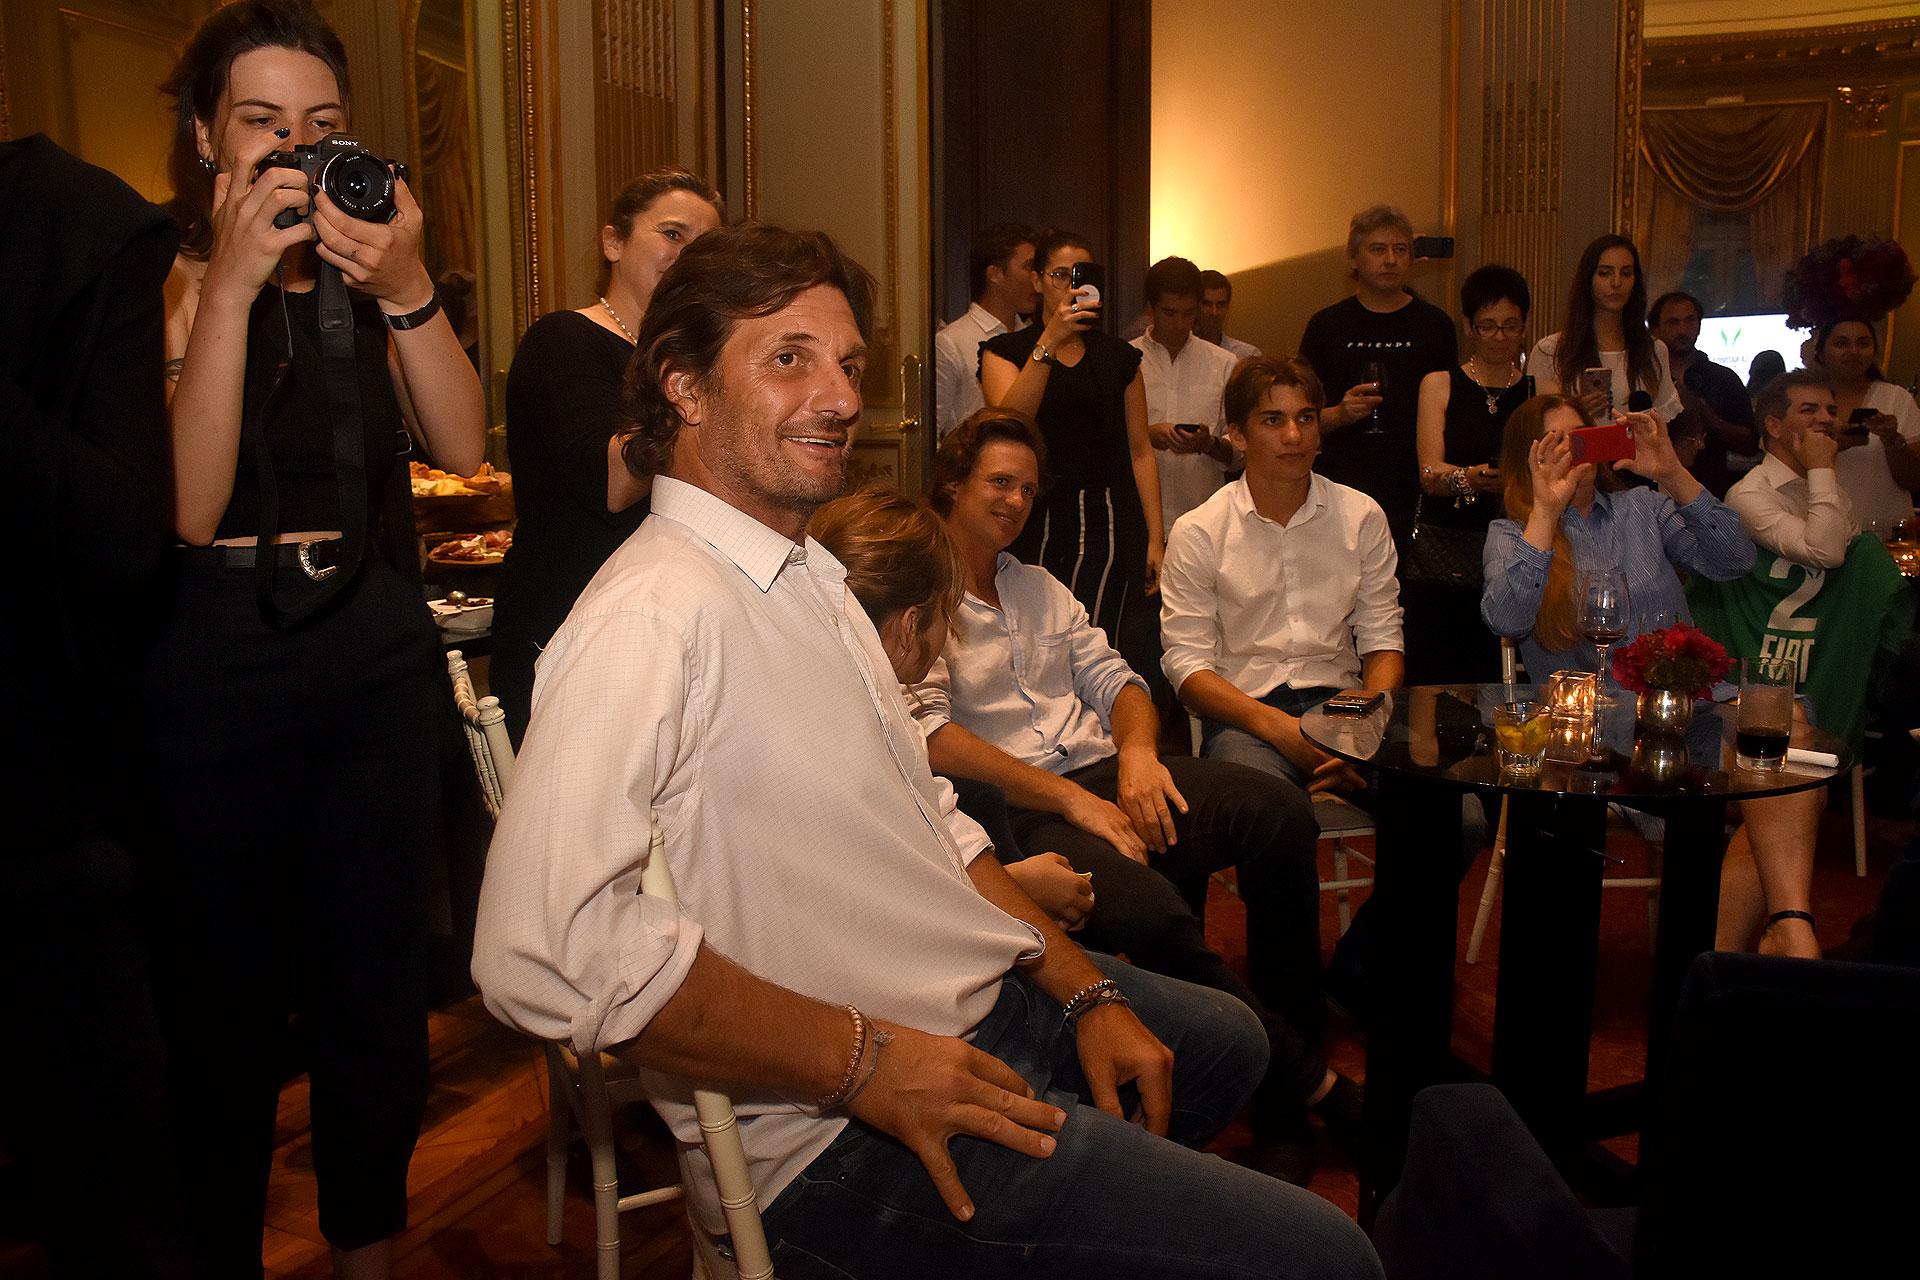 El ex polista, Bartolomé Castagnola durante la exclusiva presentación